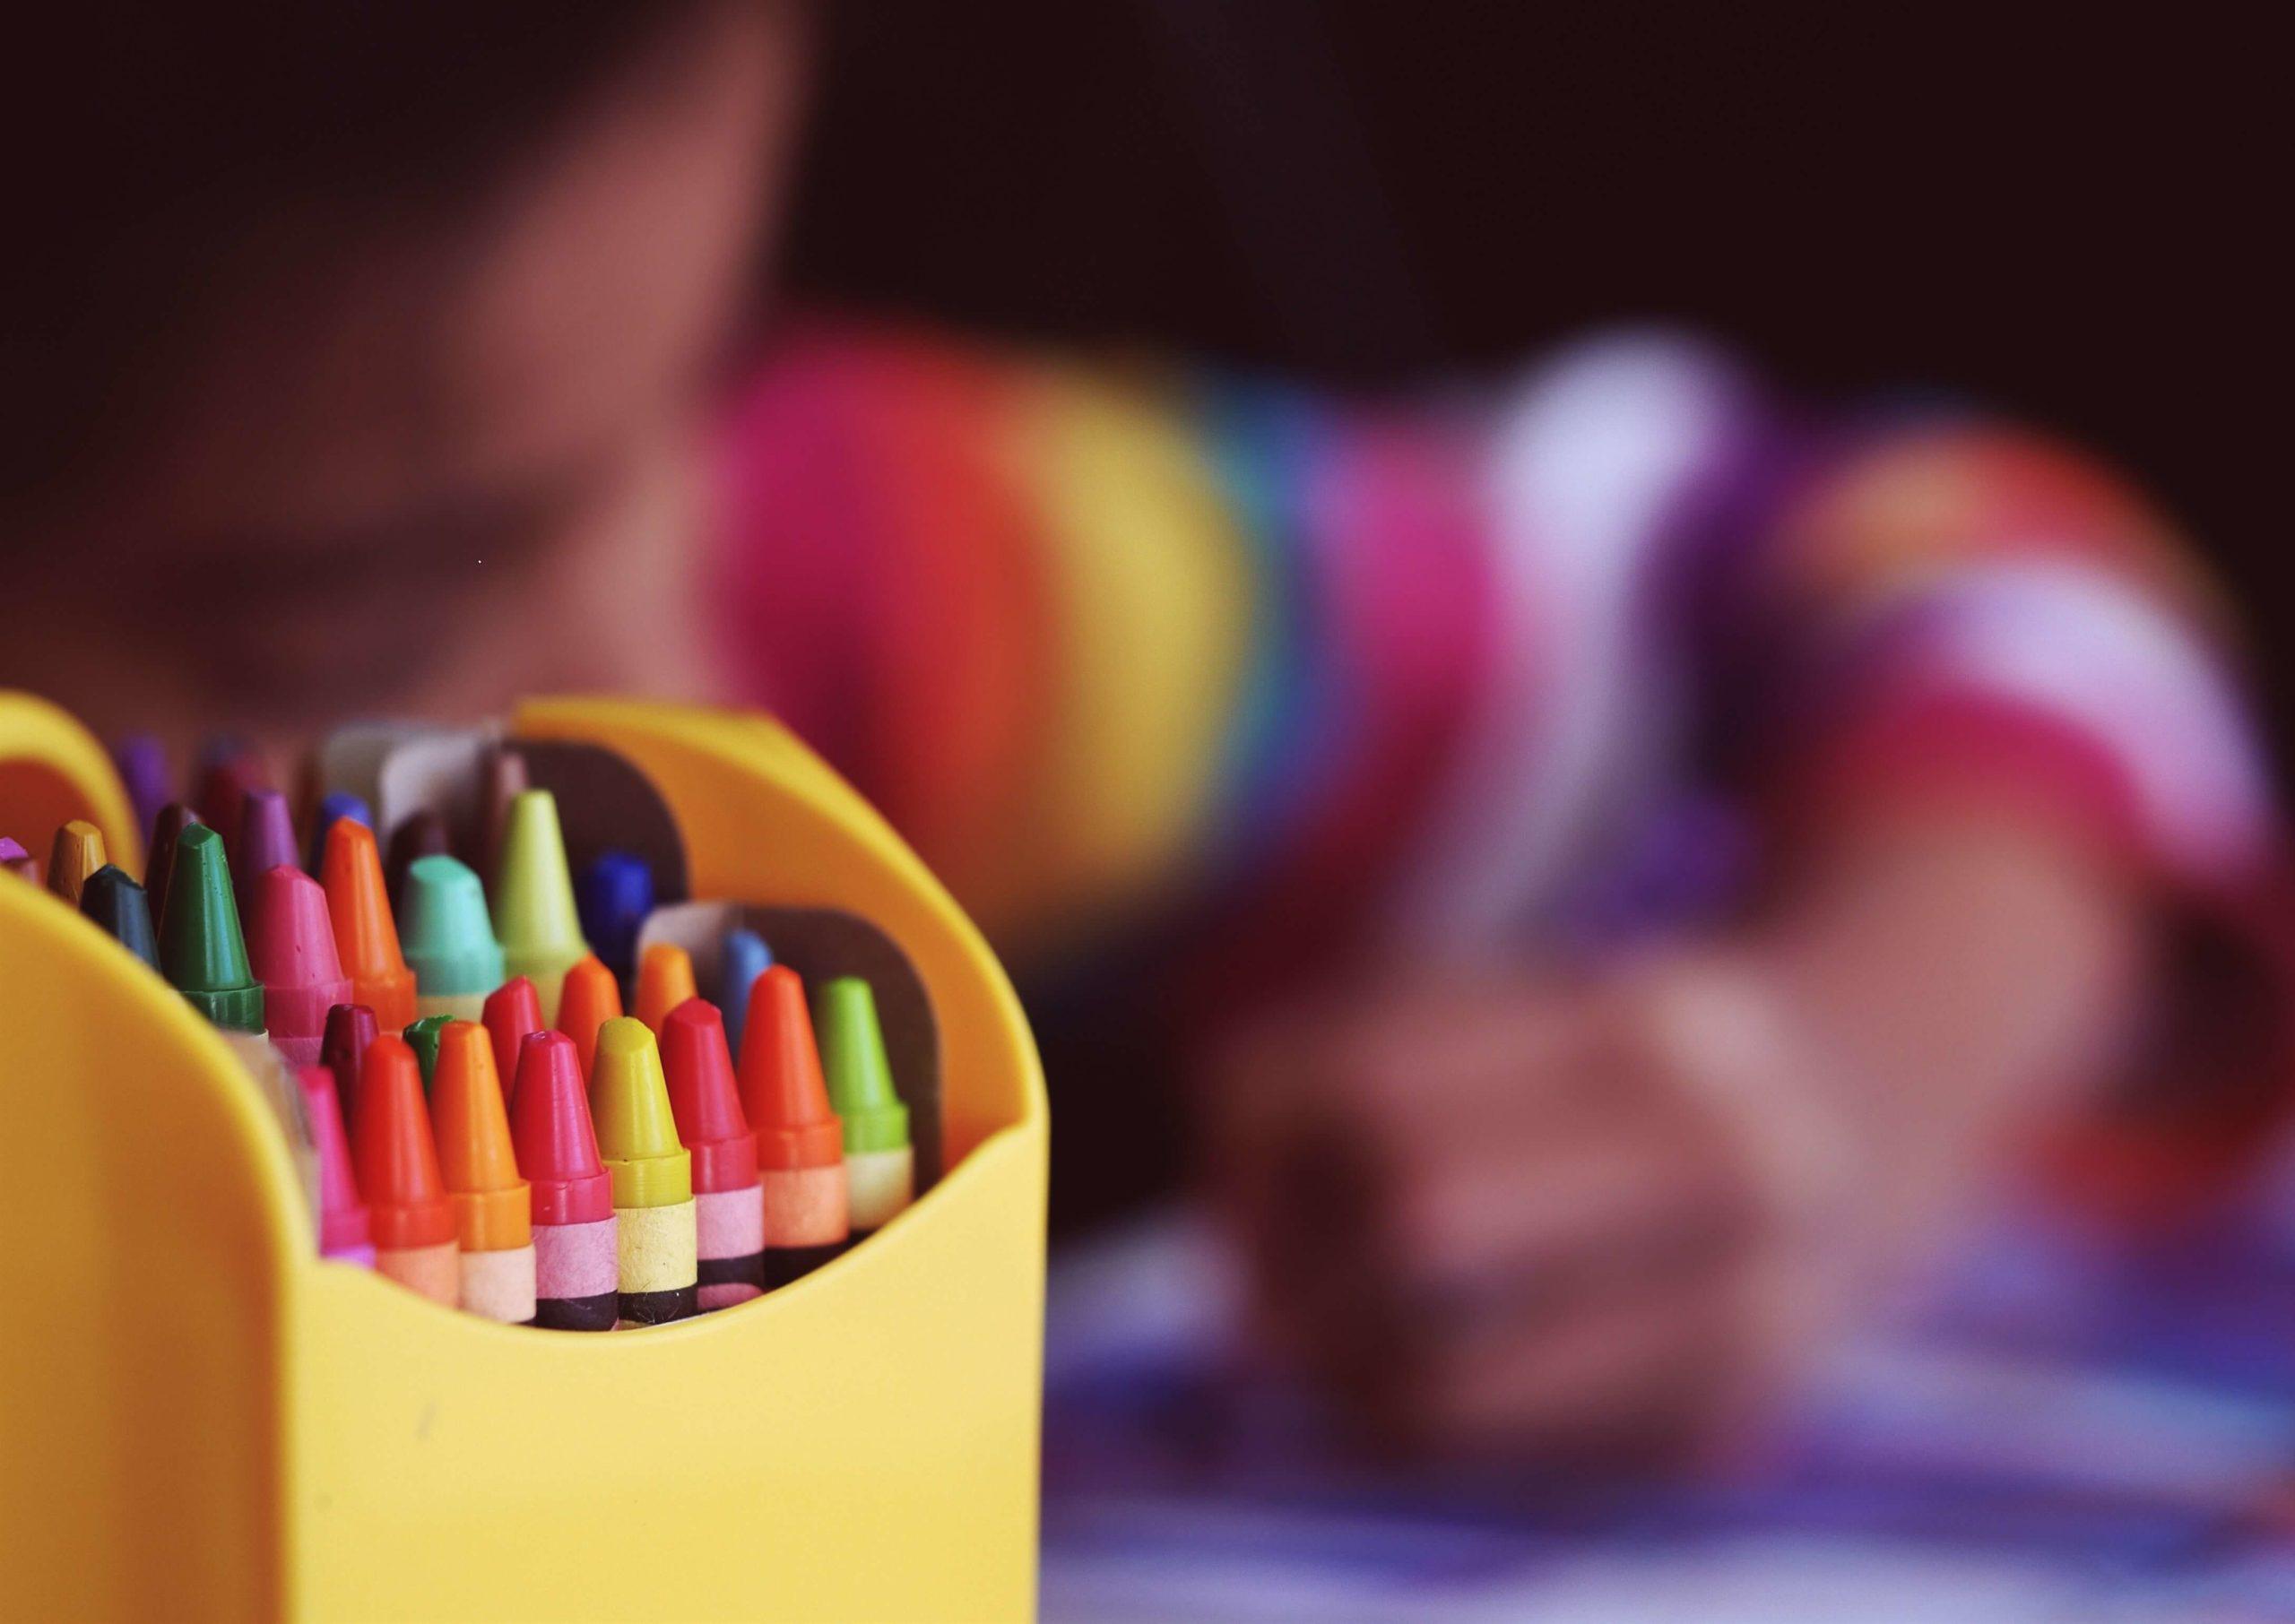 dessiner pour apprendre et mémoriser